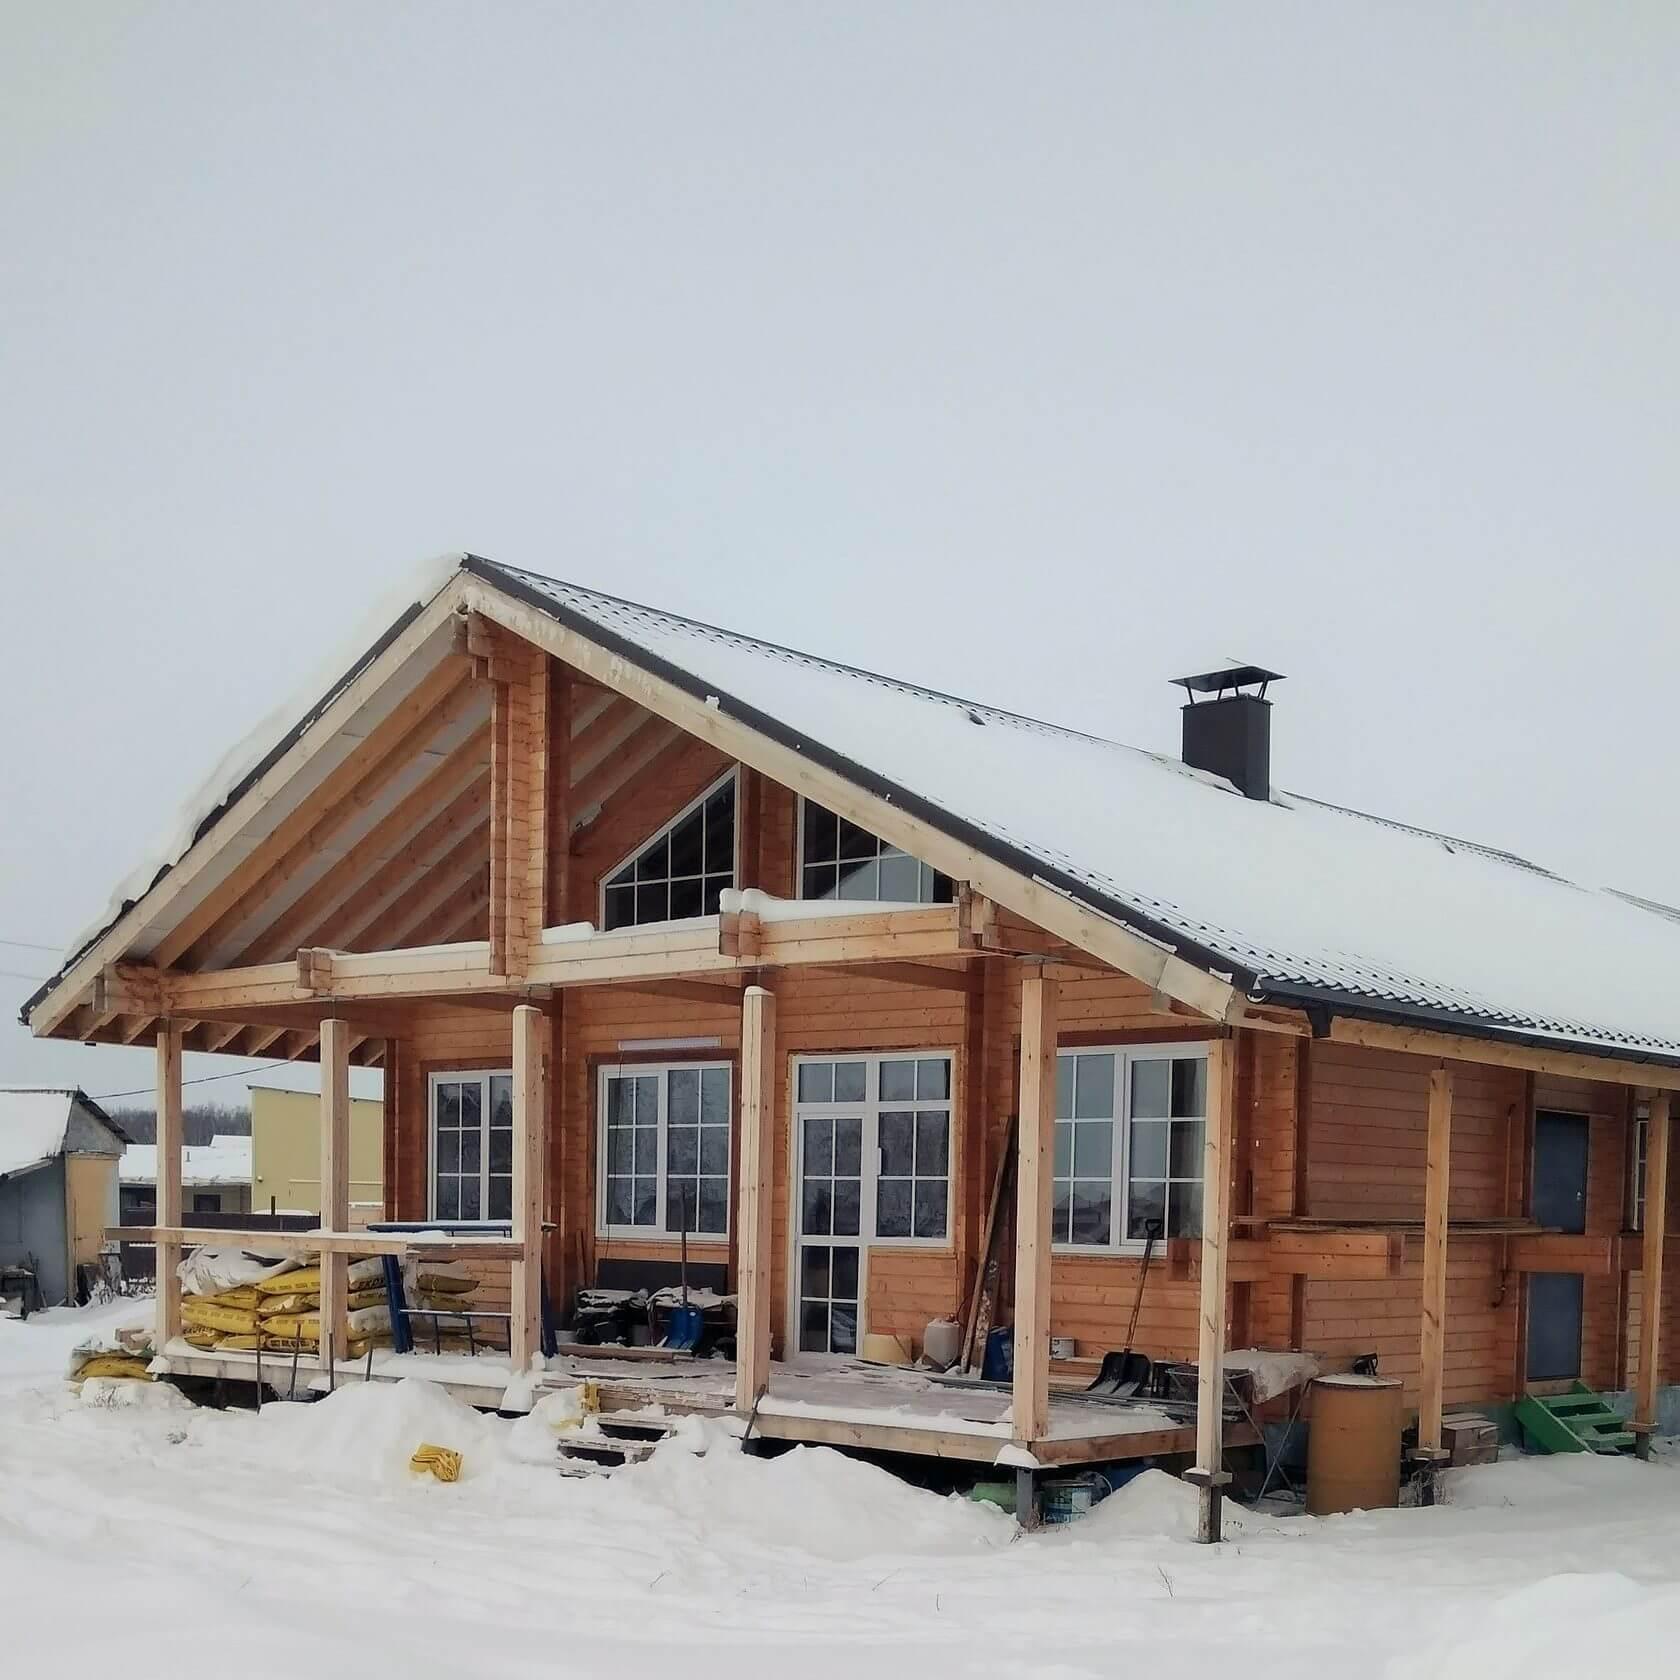 Деревянный дом около озера Чебаркуль, где мы делали приточно-вытяжную систему вентиляции с рекуперацией.